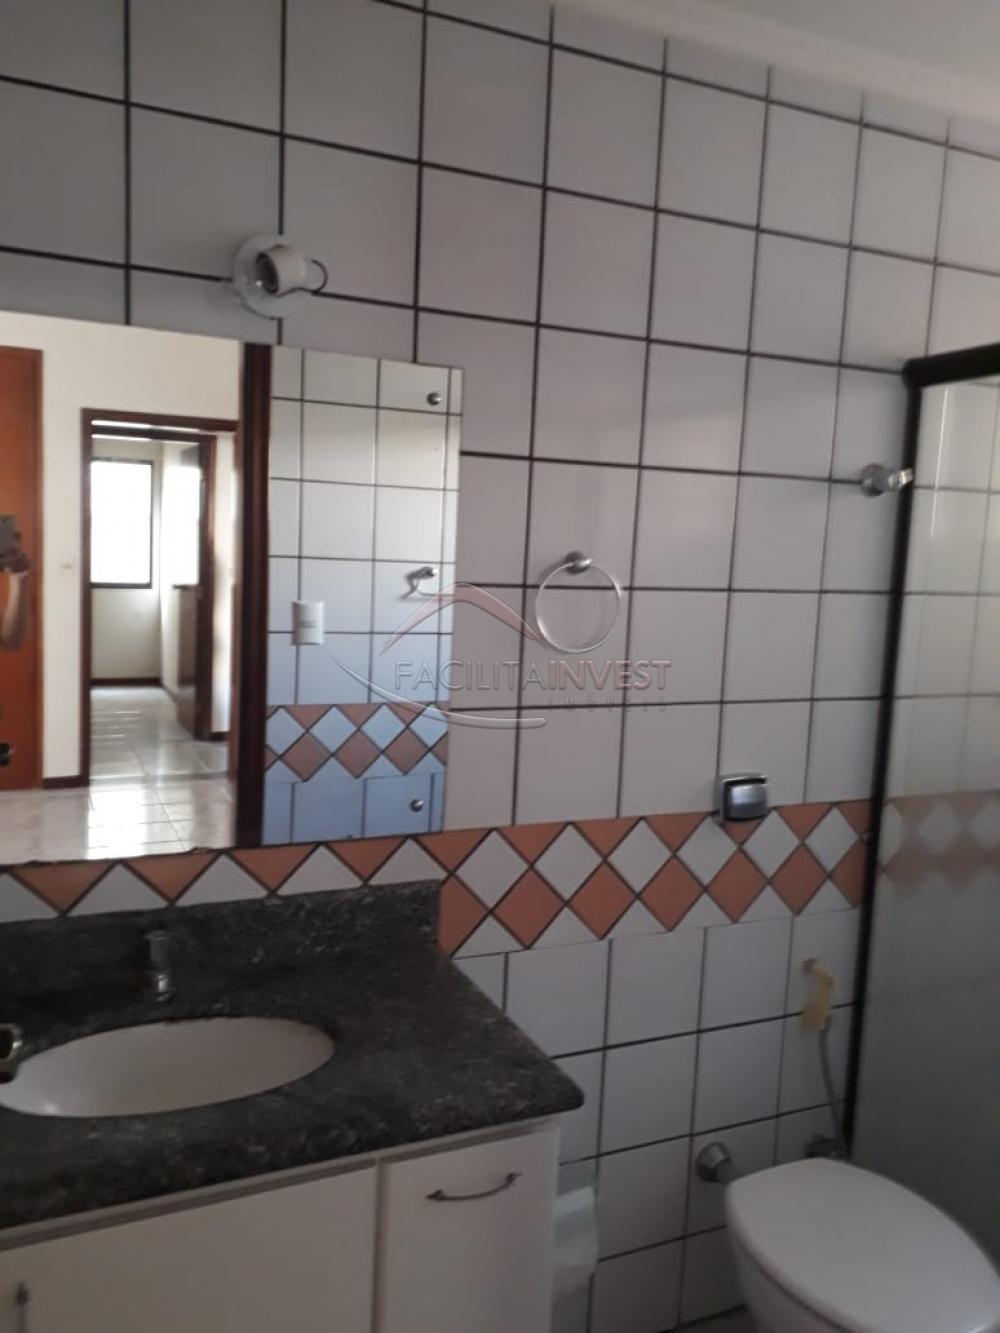 Comprar Apartamentos / Apart. Padrão em Ribeirão Preto apenas R$ 279.000,00 - Foto 8